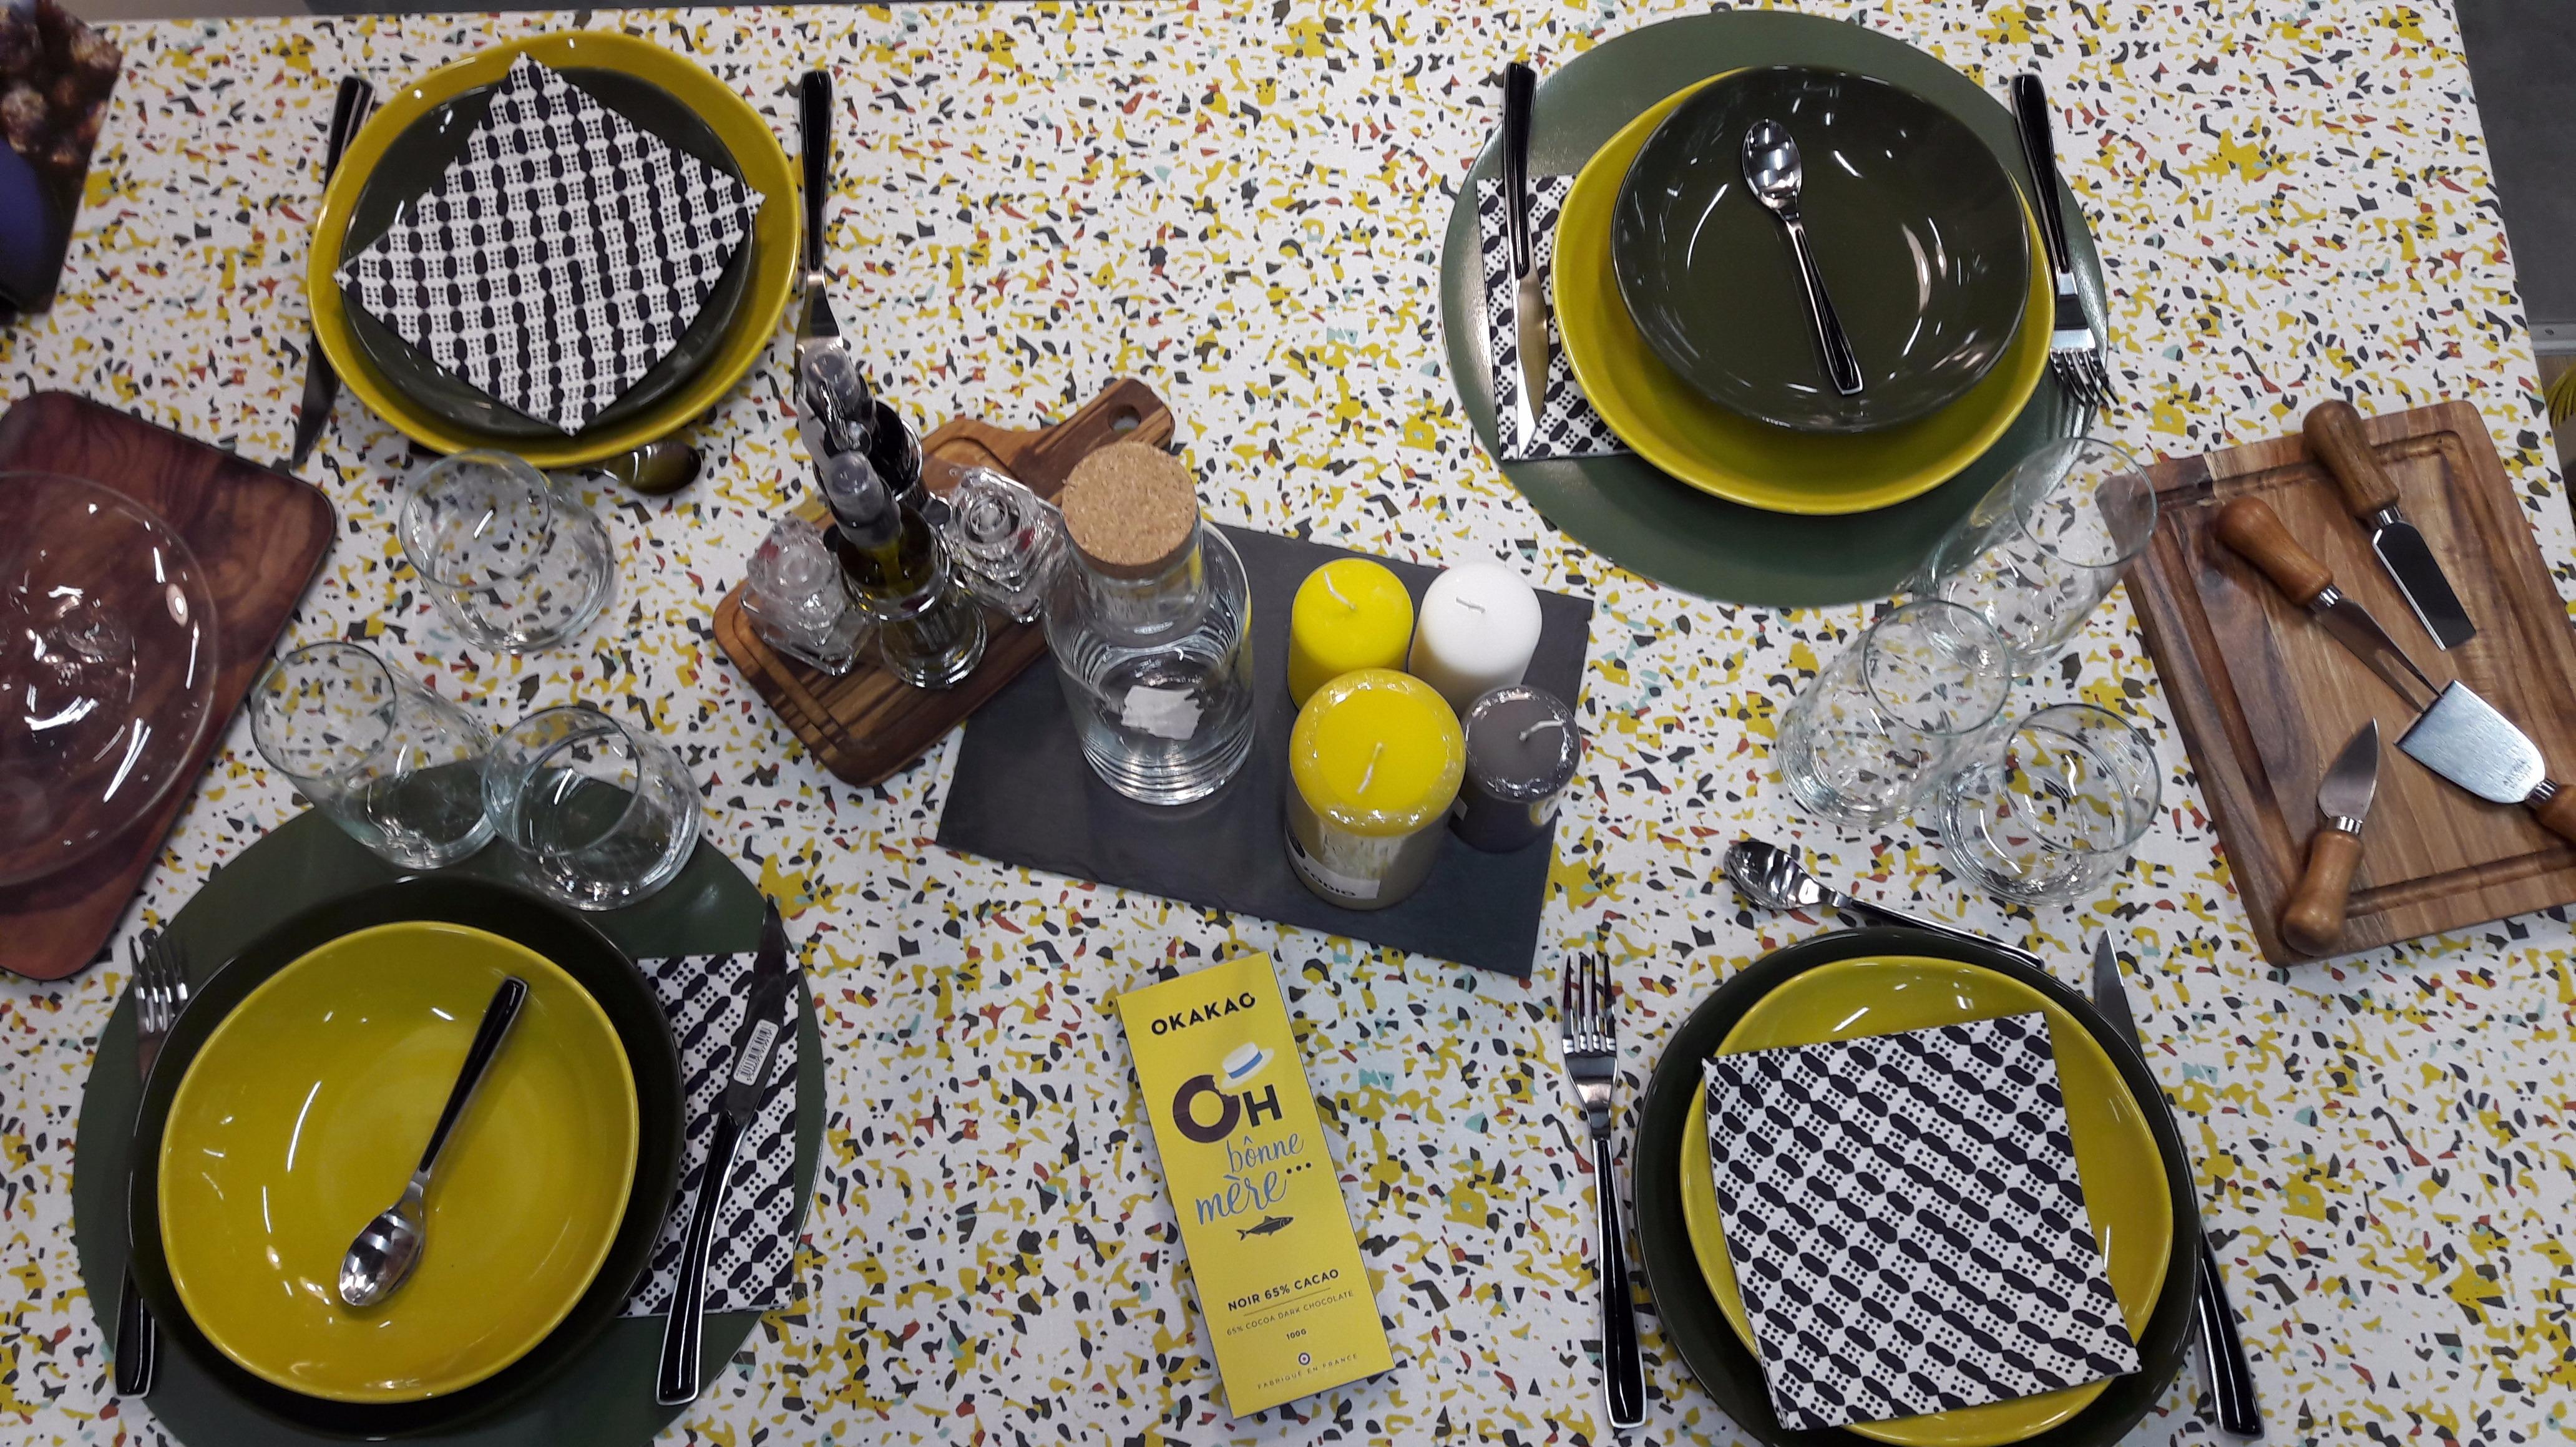 La table terrazzo